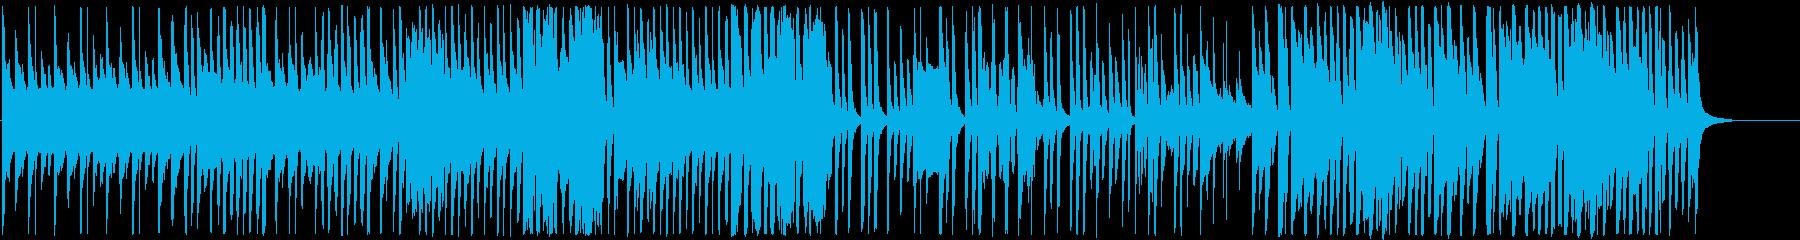 あたたかで平穏な日常の場面での曲の再生済みの波形